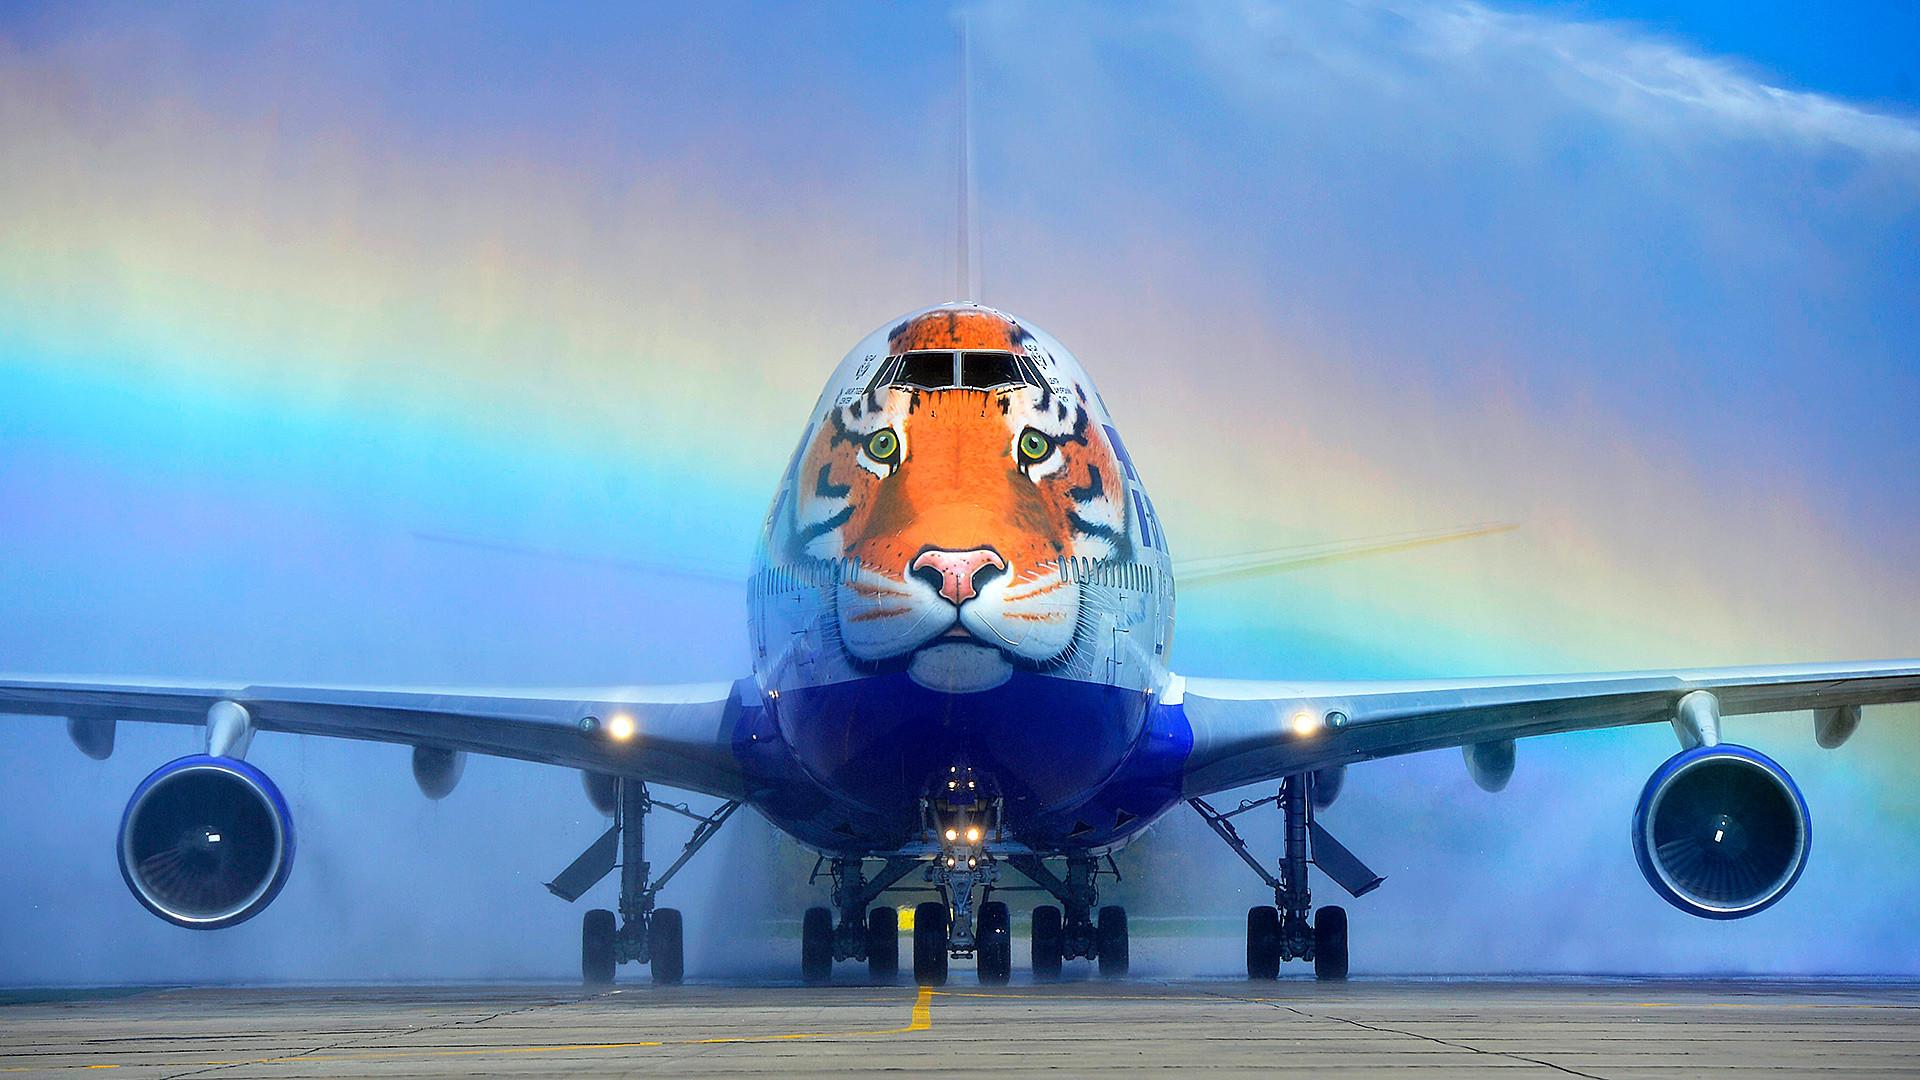 реативност лети у небо: 11 авиона осликаних у руском стилу